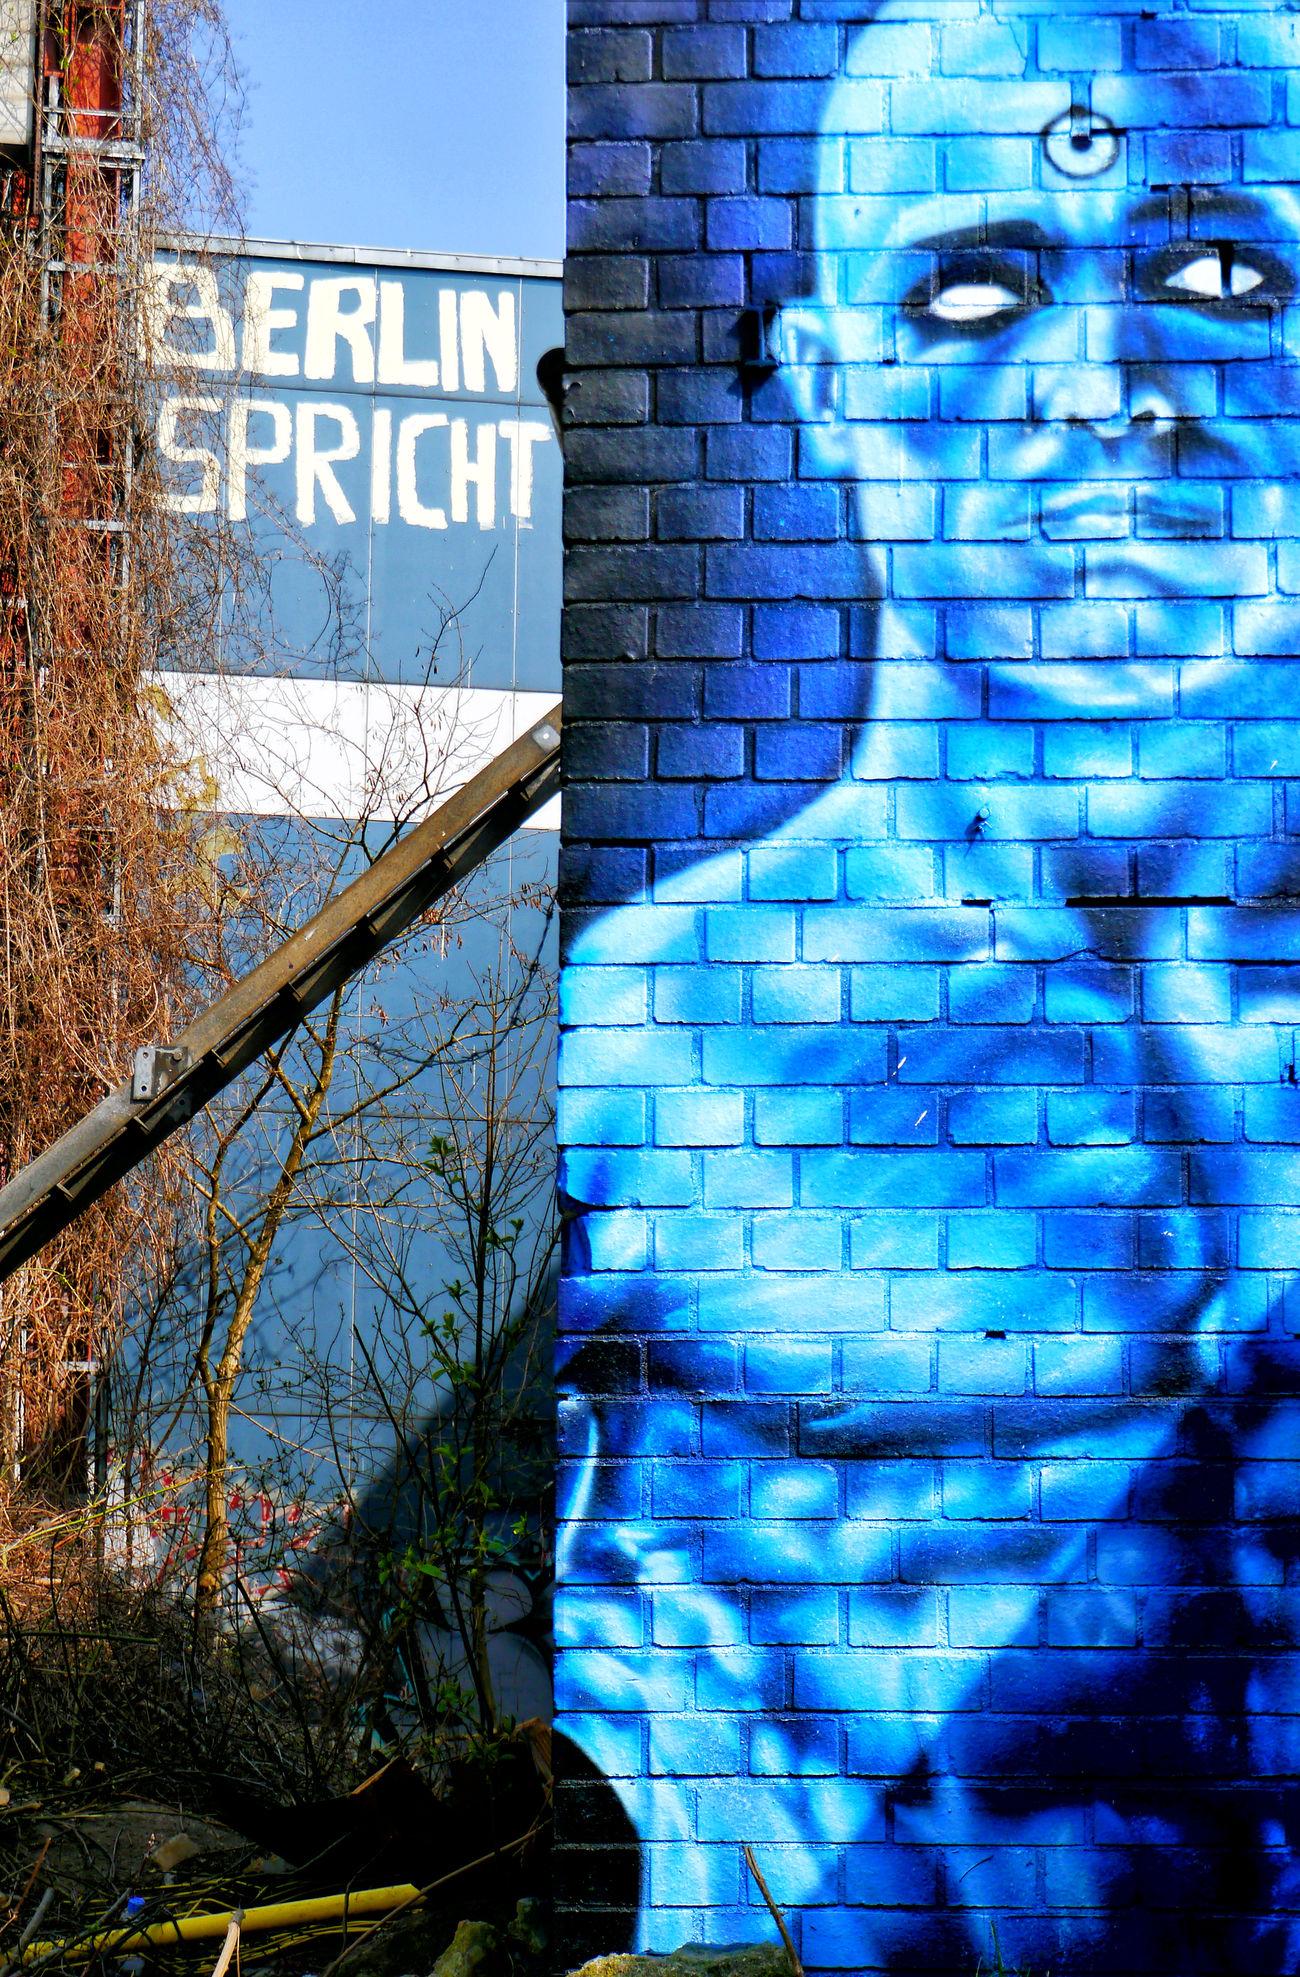 Abandoned Art Berlin Berliner Ansichten Blue Day Dr. Manhatten Graffiti No People NSA Station Berlin Outdoors Ruined Teufelsberg Urbex